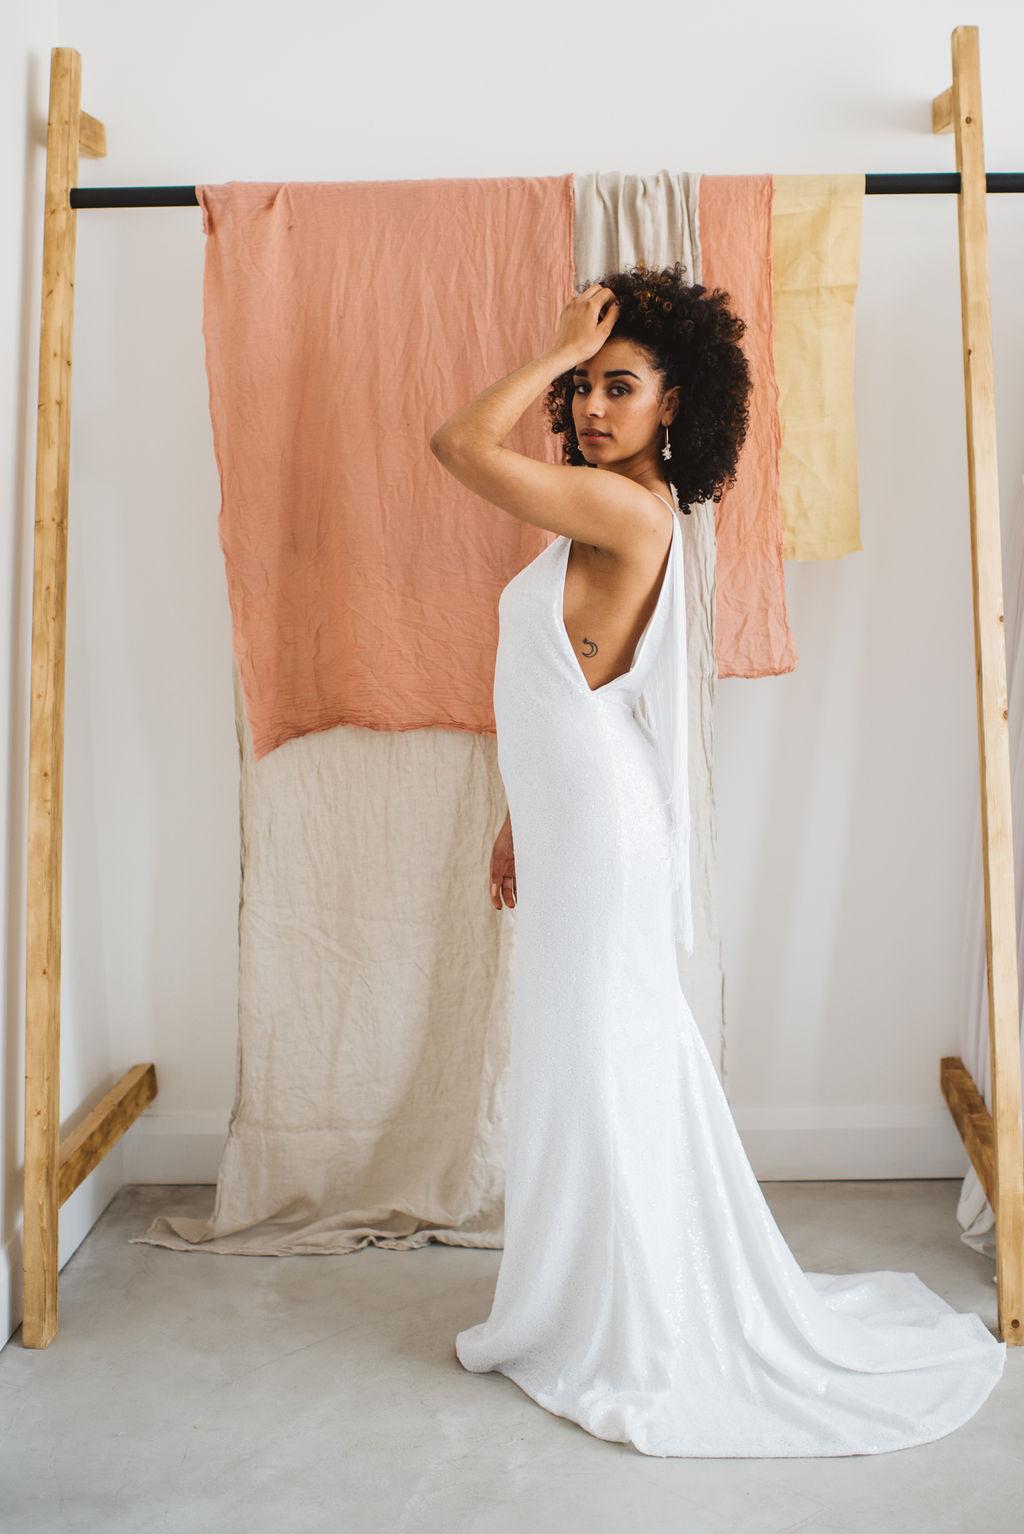 brooklyn 2.0 fringed modern wedding dress at ARCHIVE 12